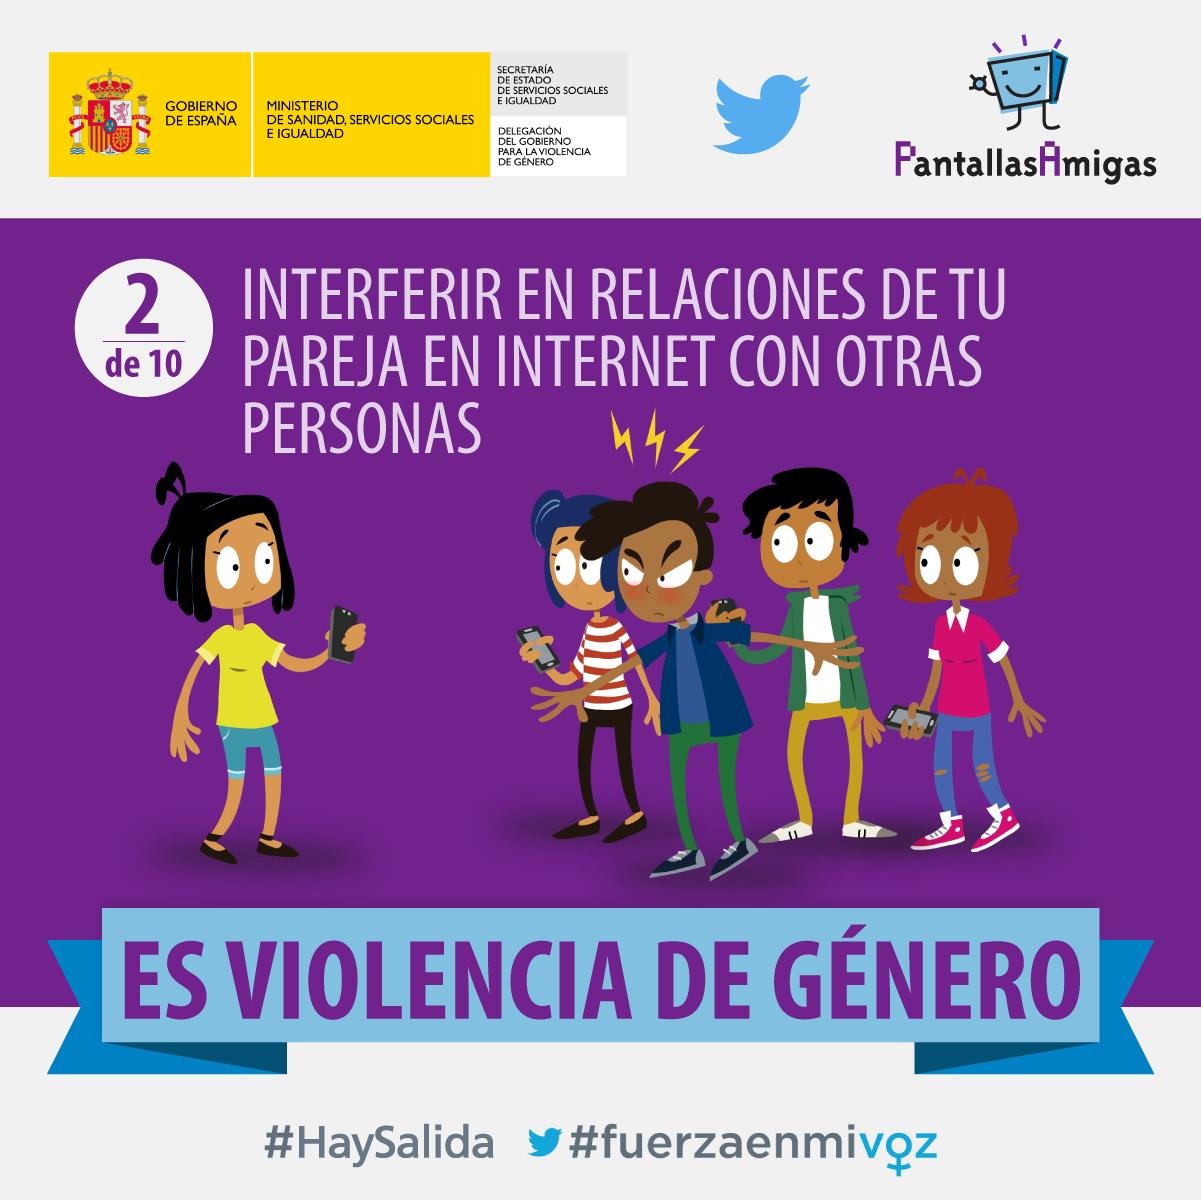 10-FORMAS-VIOLENCIA-DE-GÉNERO-DIGITAL_02_10_Interferir